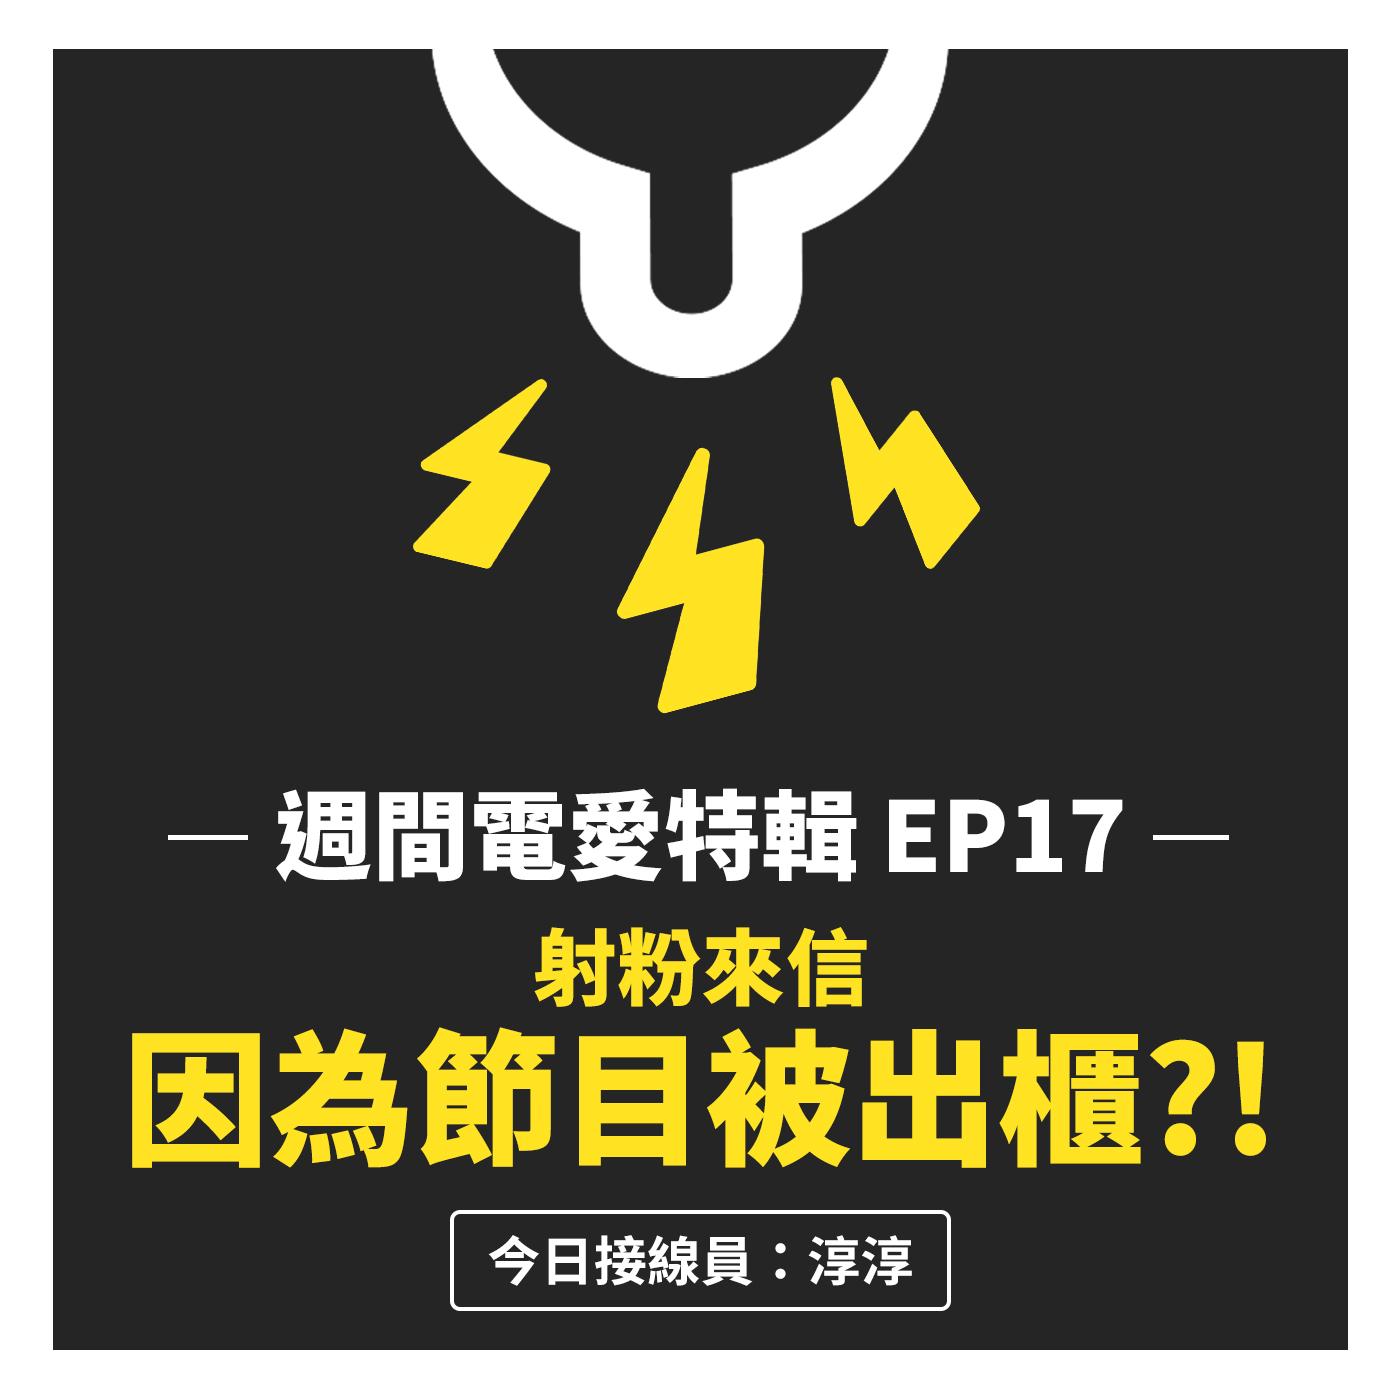 [週間電愛特輯] EP17 射粉來信 - 因為節目被出櫃?!